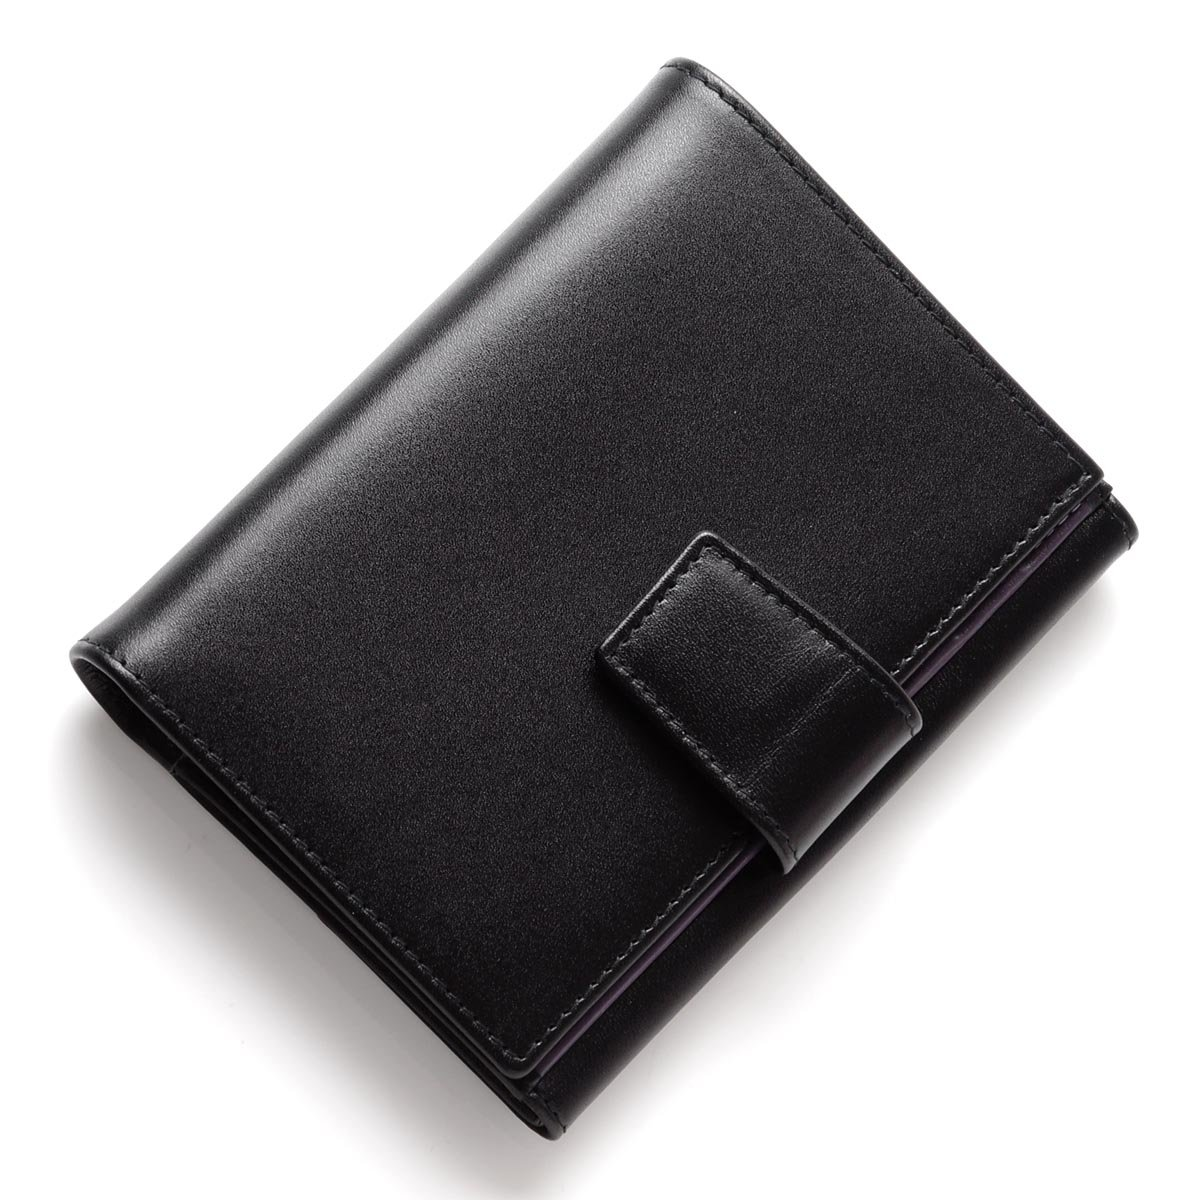 (エッティンガー) ETTINGER 二つ折り 財布 小銭入れ付き/ロイヤルコレクション/パープルコレクション [並行輸入品] B07D4FHJRFブラック/パープル Free